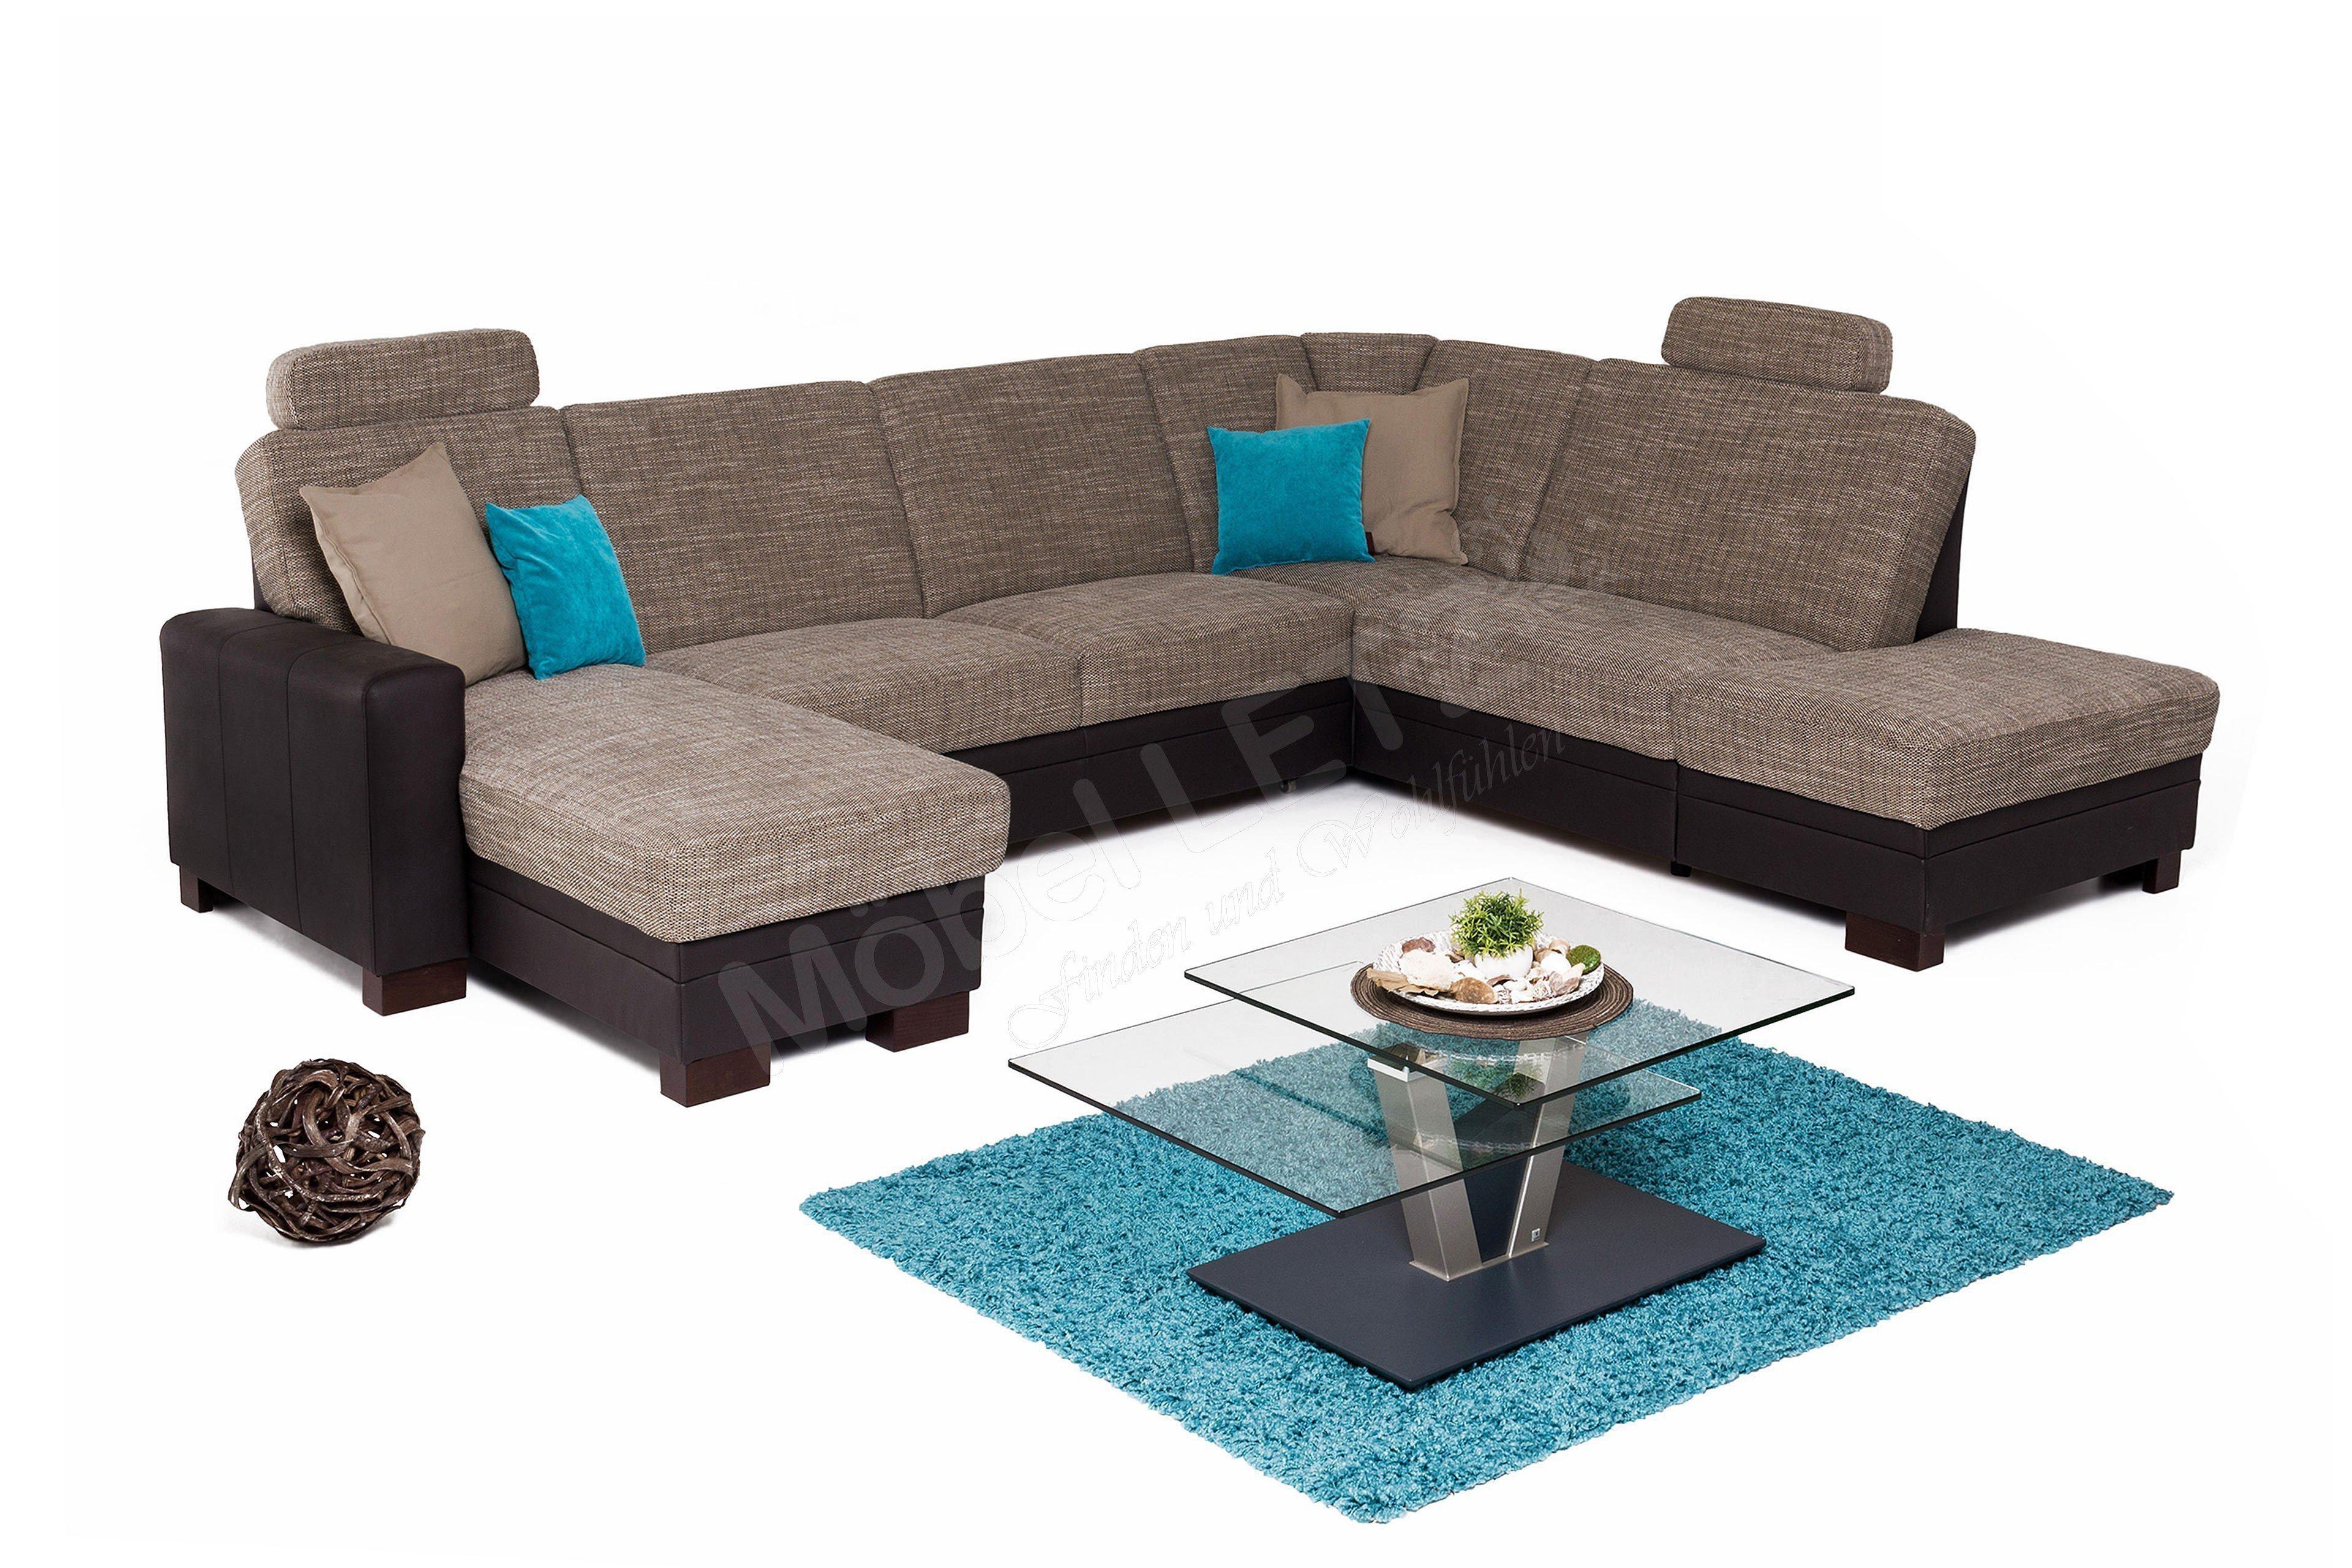 Zehdenick Cleveland Polsterecke braun | Möbel Letz - Ihr Online-Shop